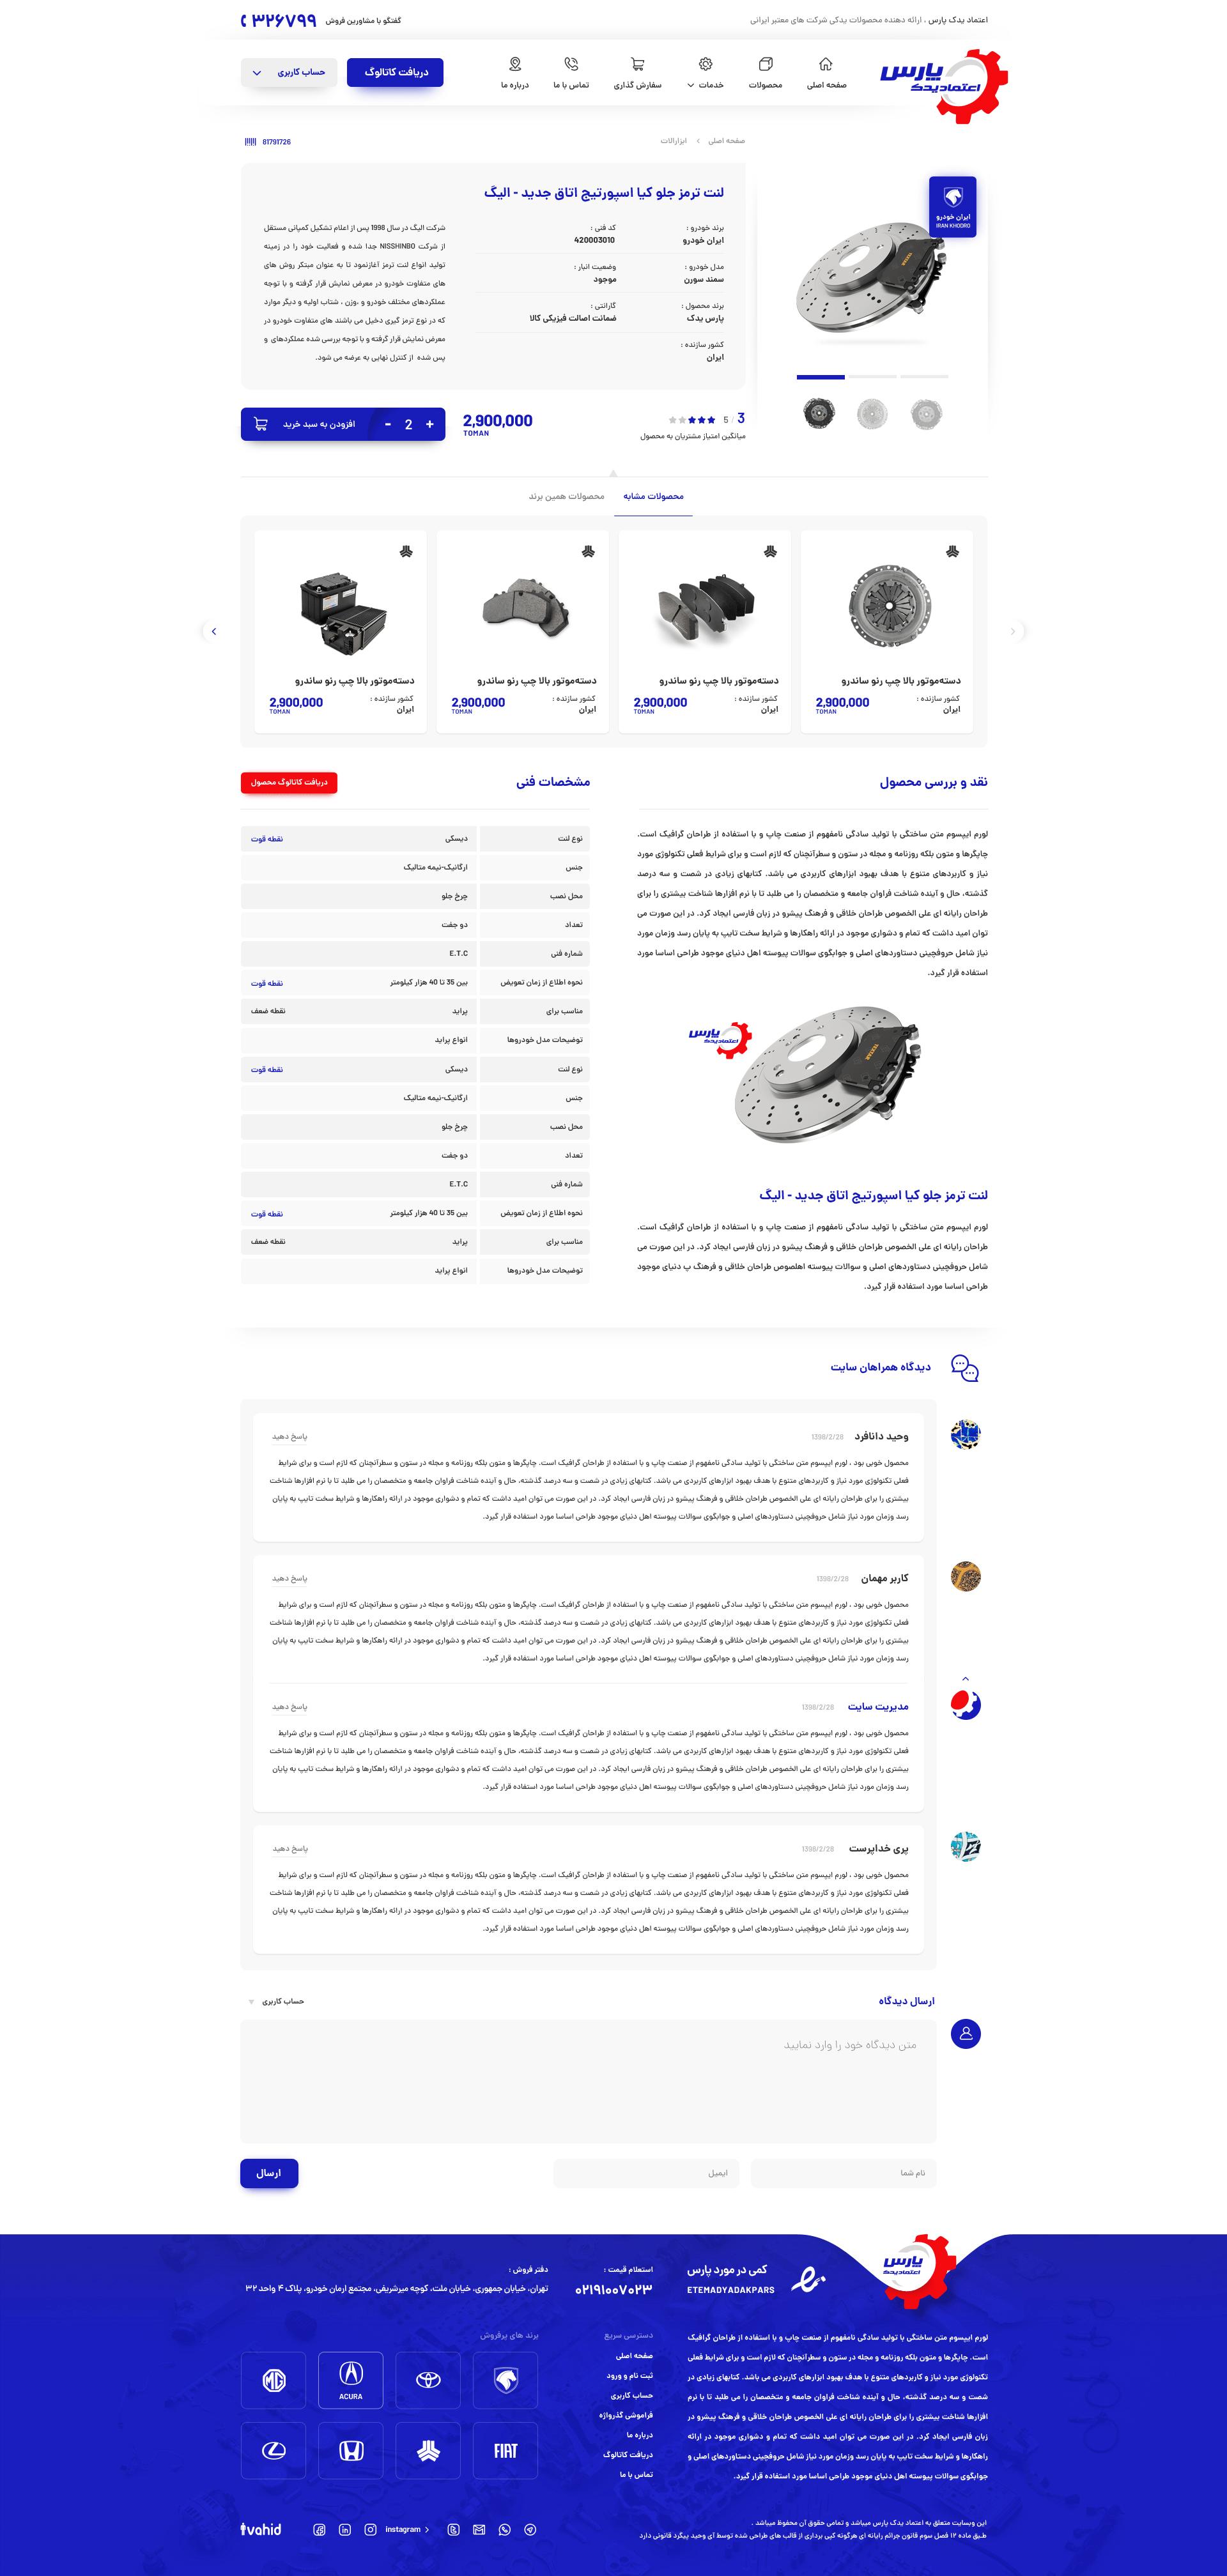 صفحه داخلی محصول